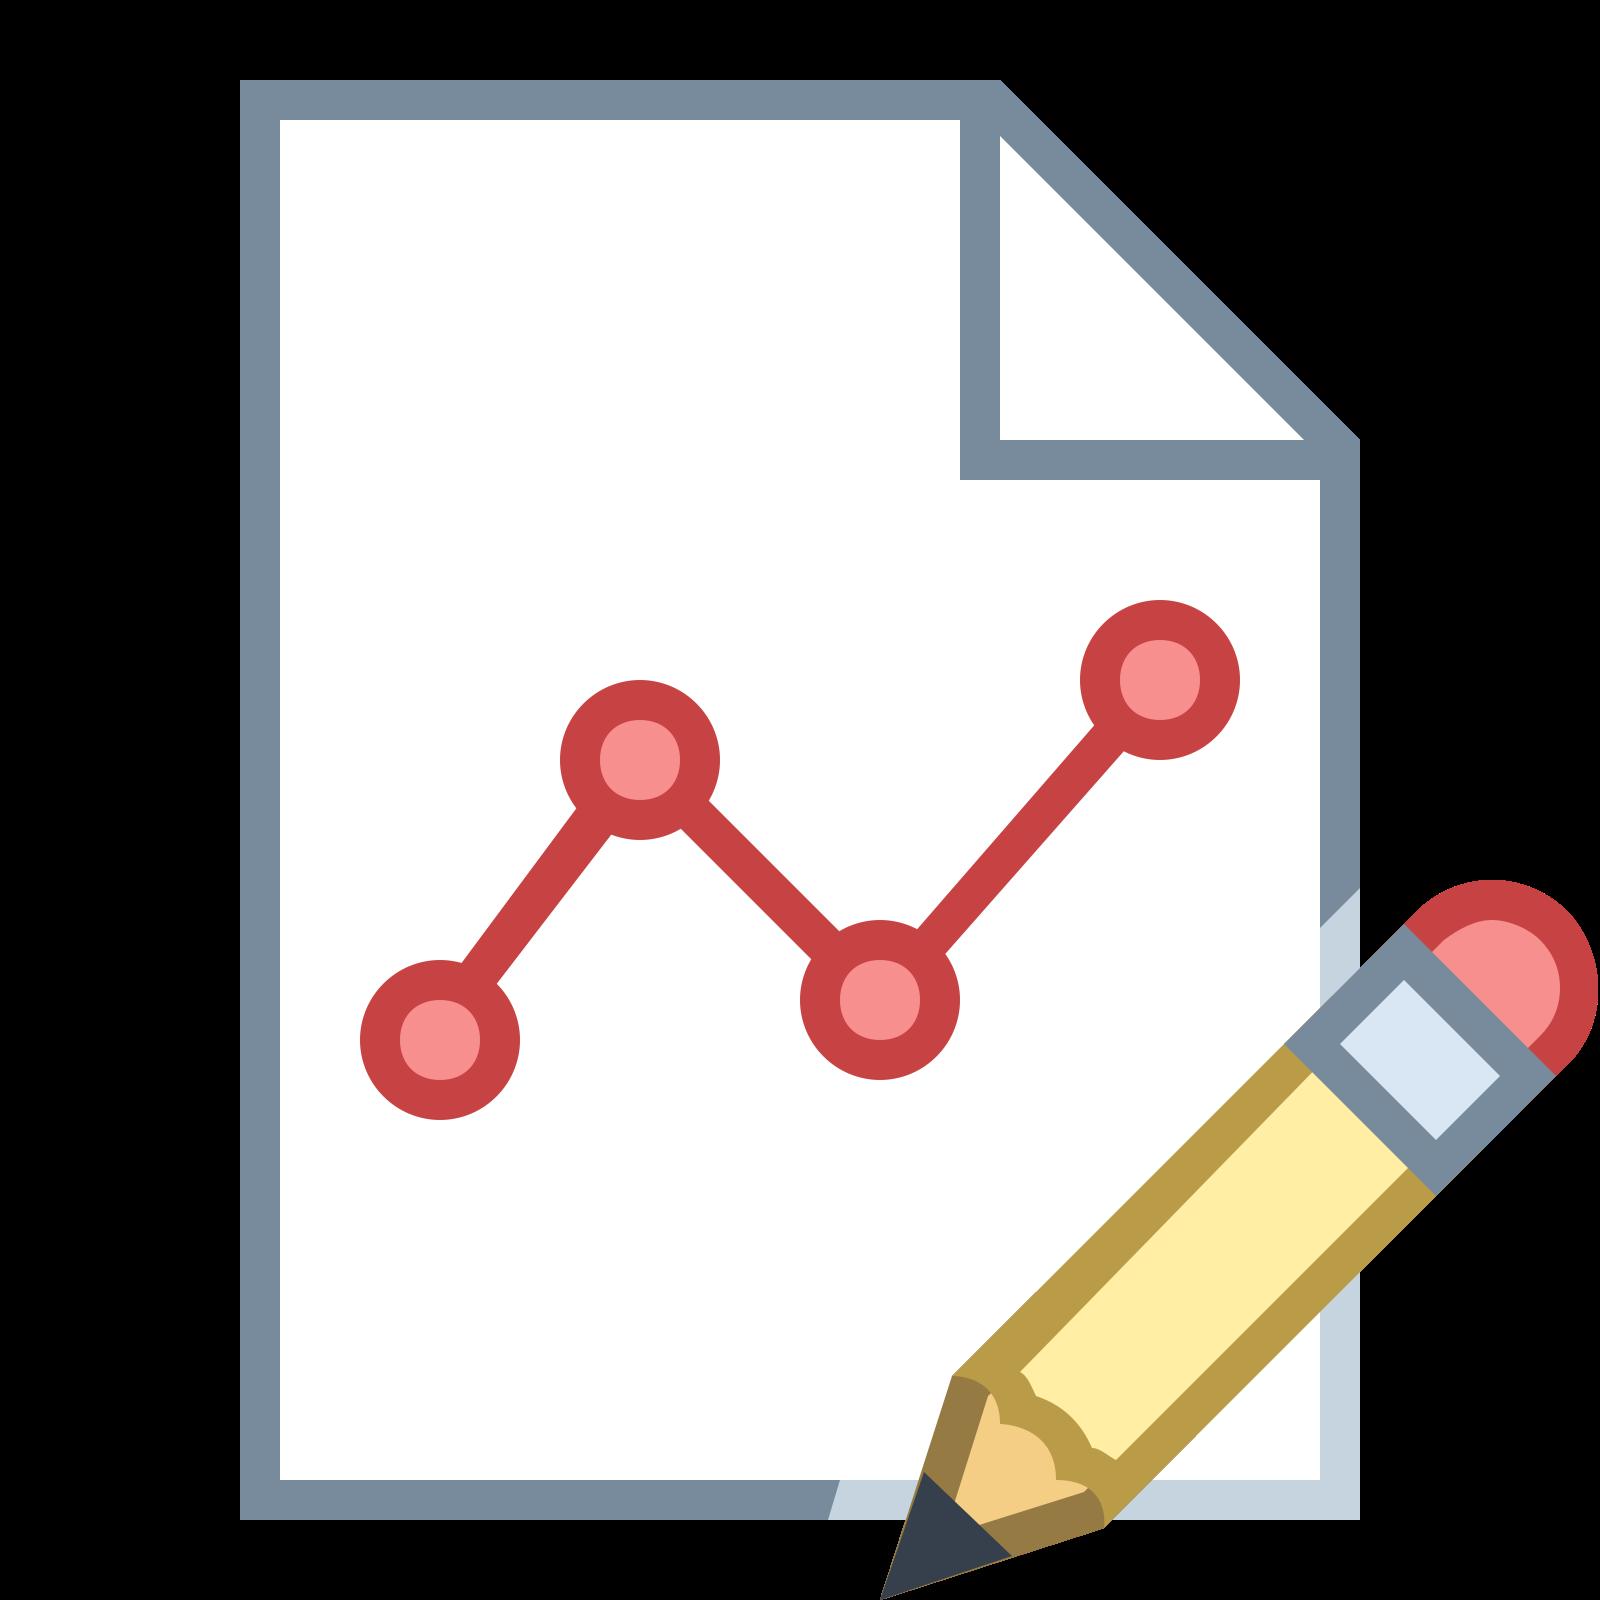 グラフレポートの編集 icon